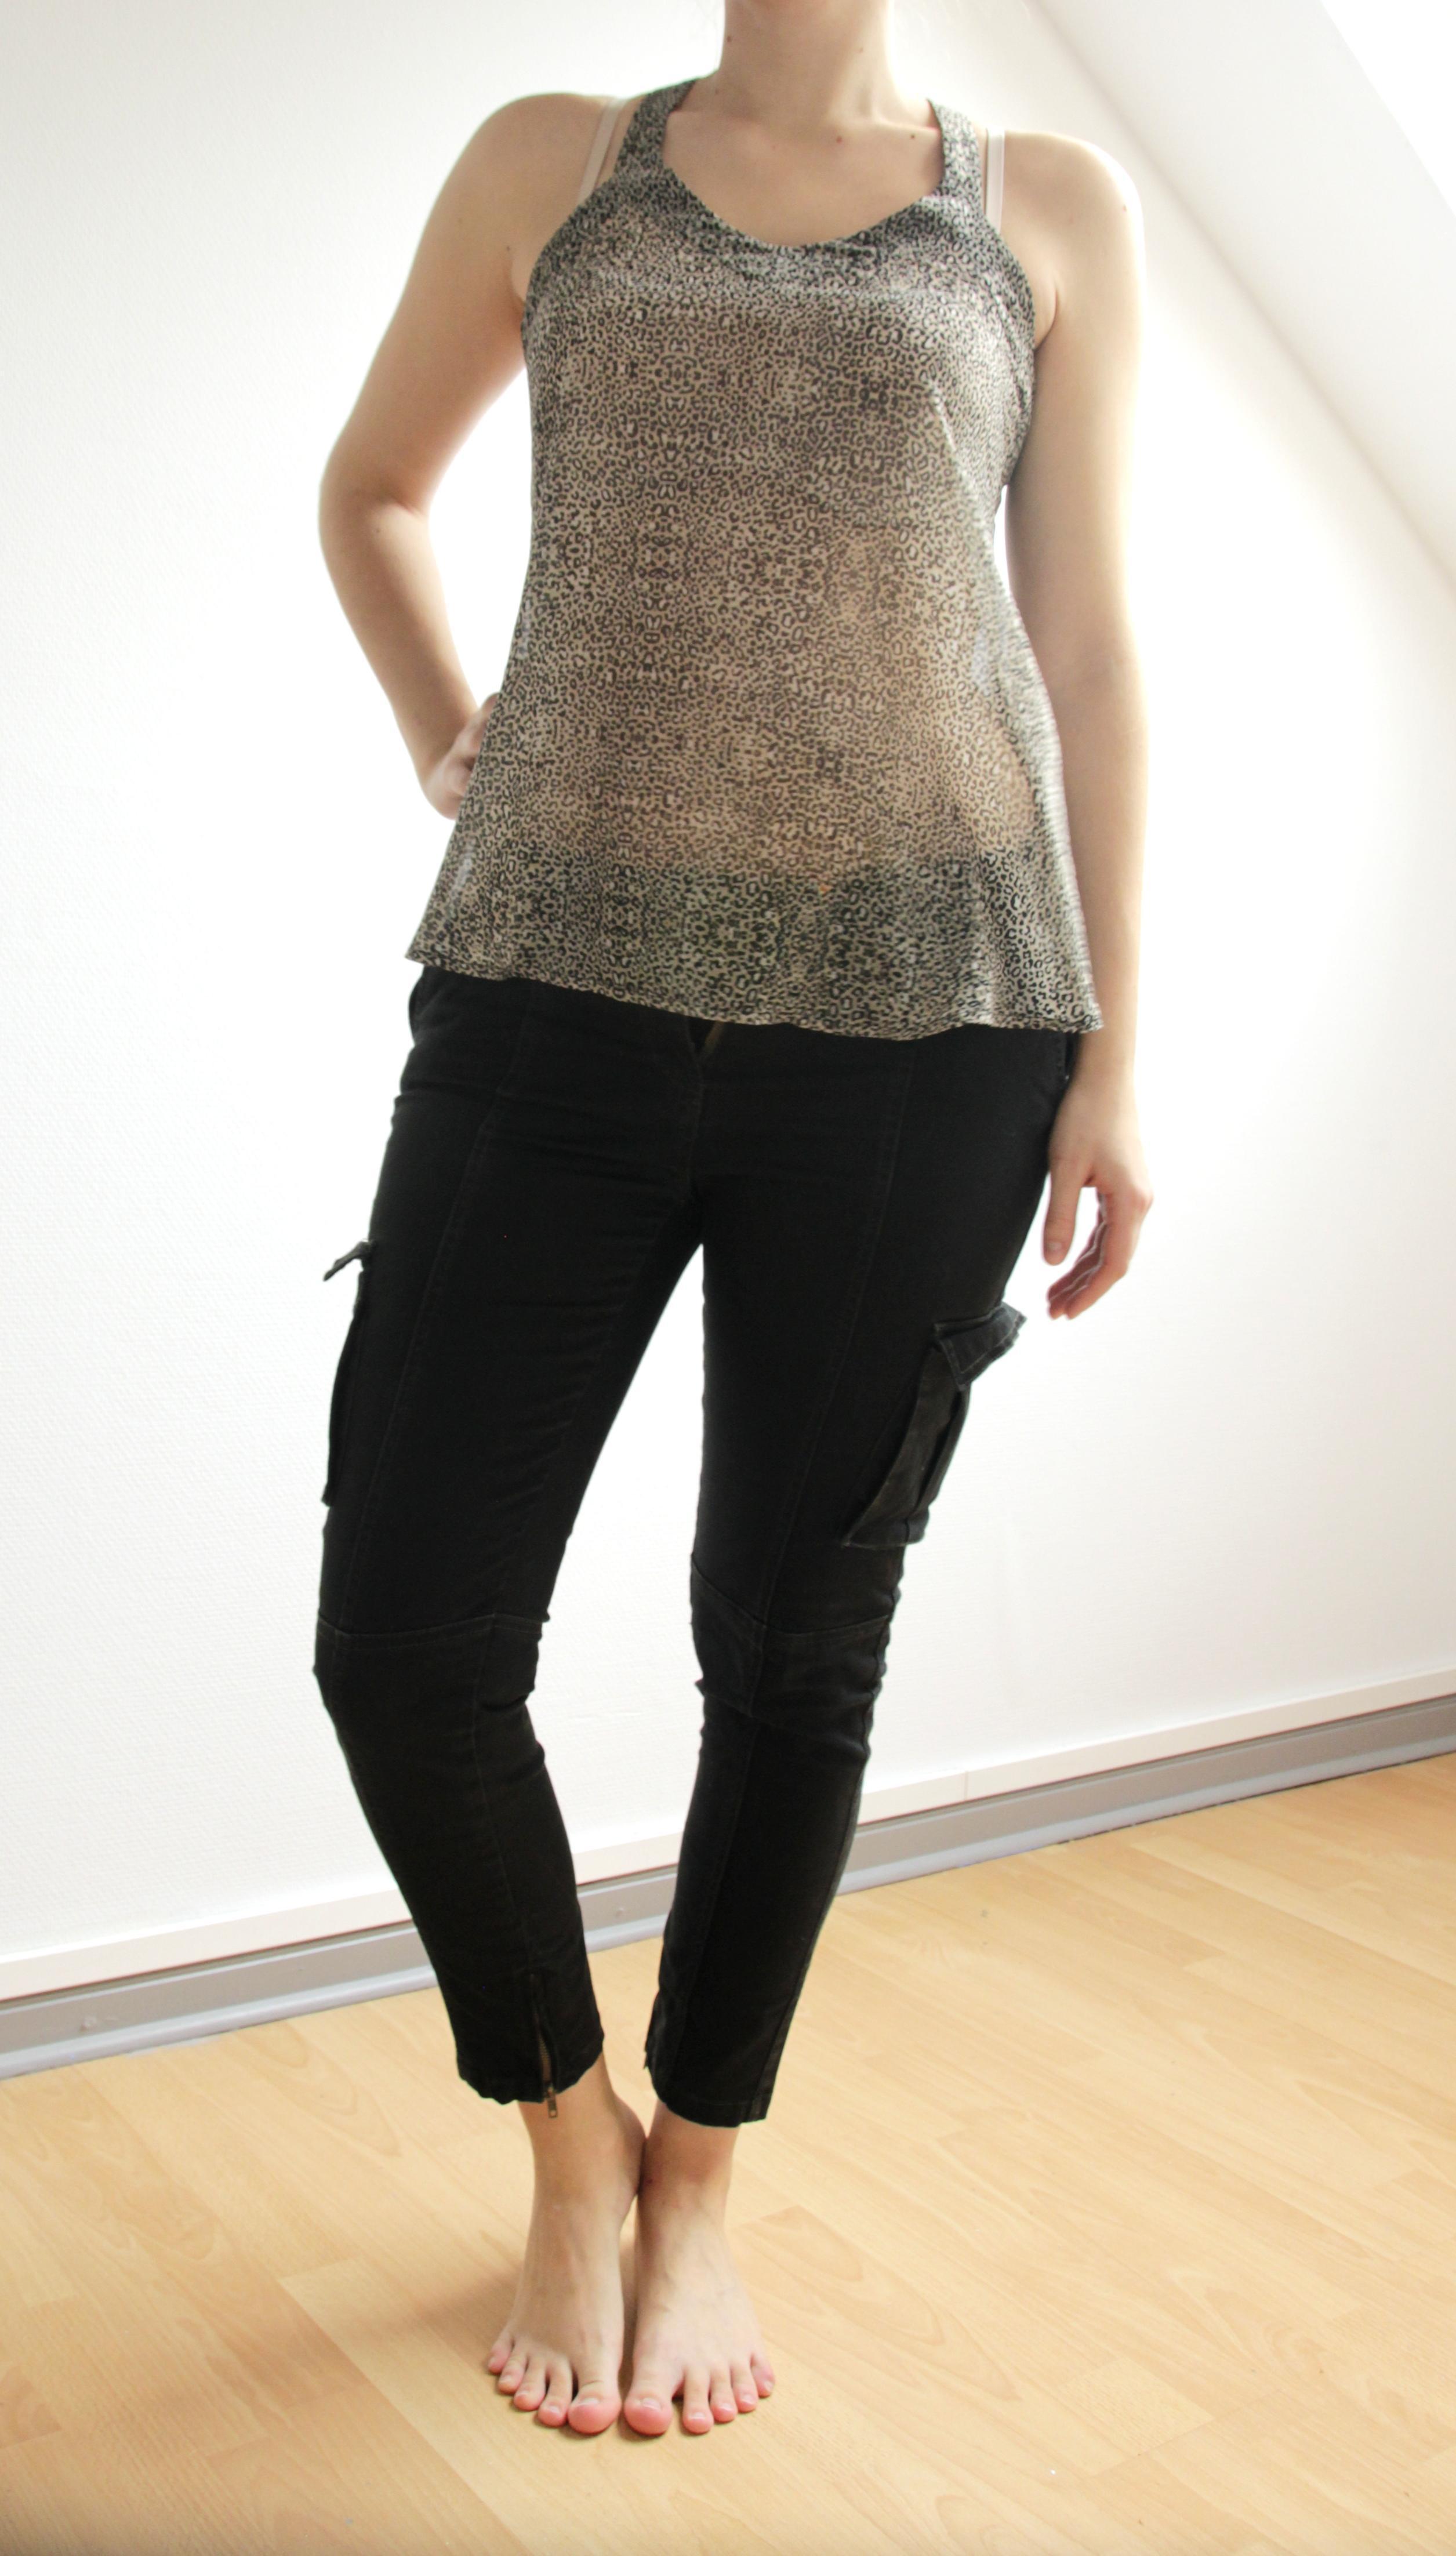 troc de troc pantalon noir 7/8 marque monoprix taille 40 image 0